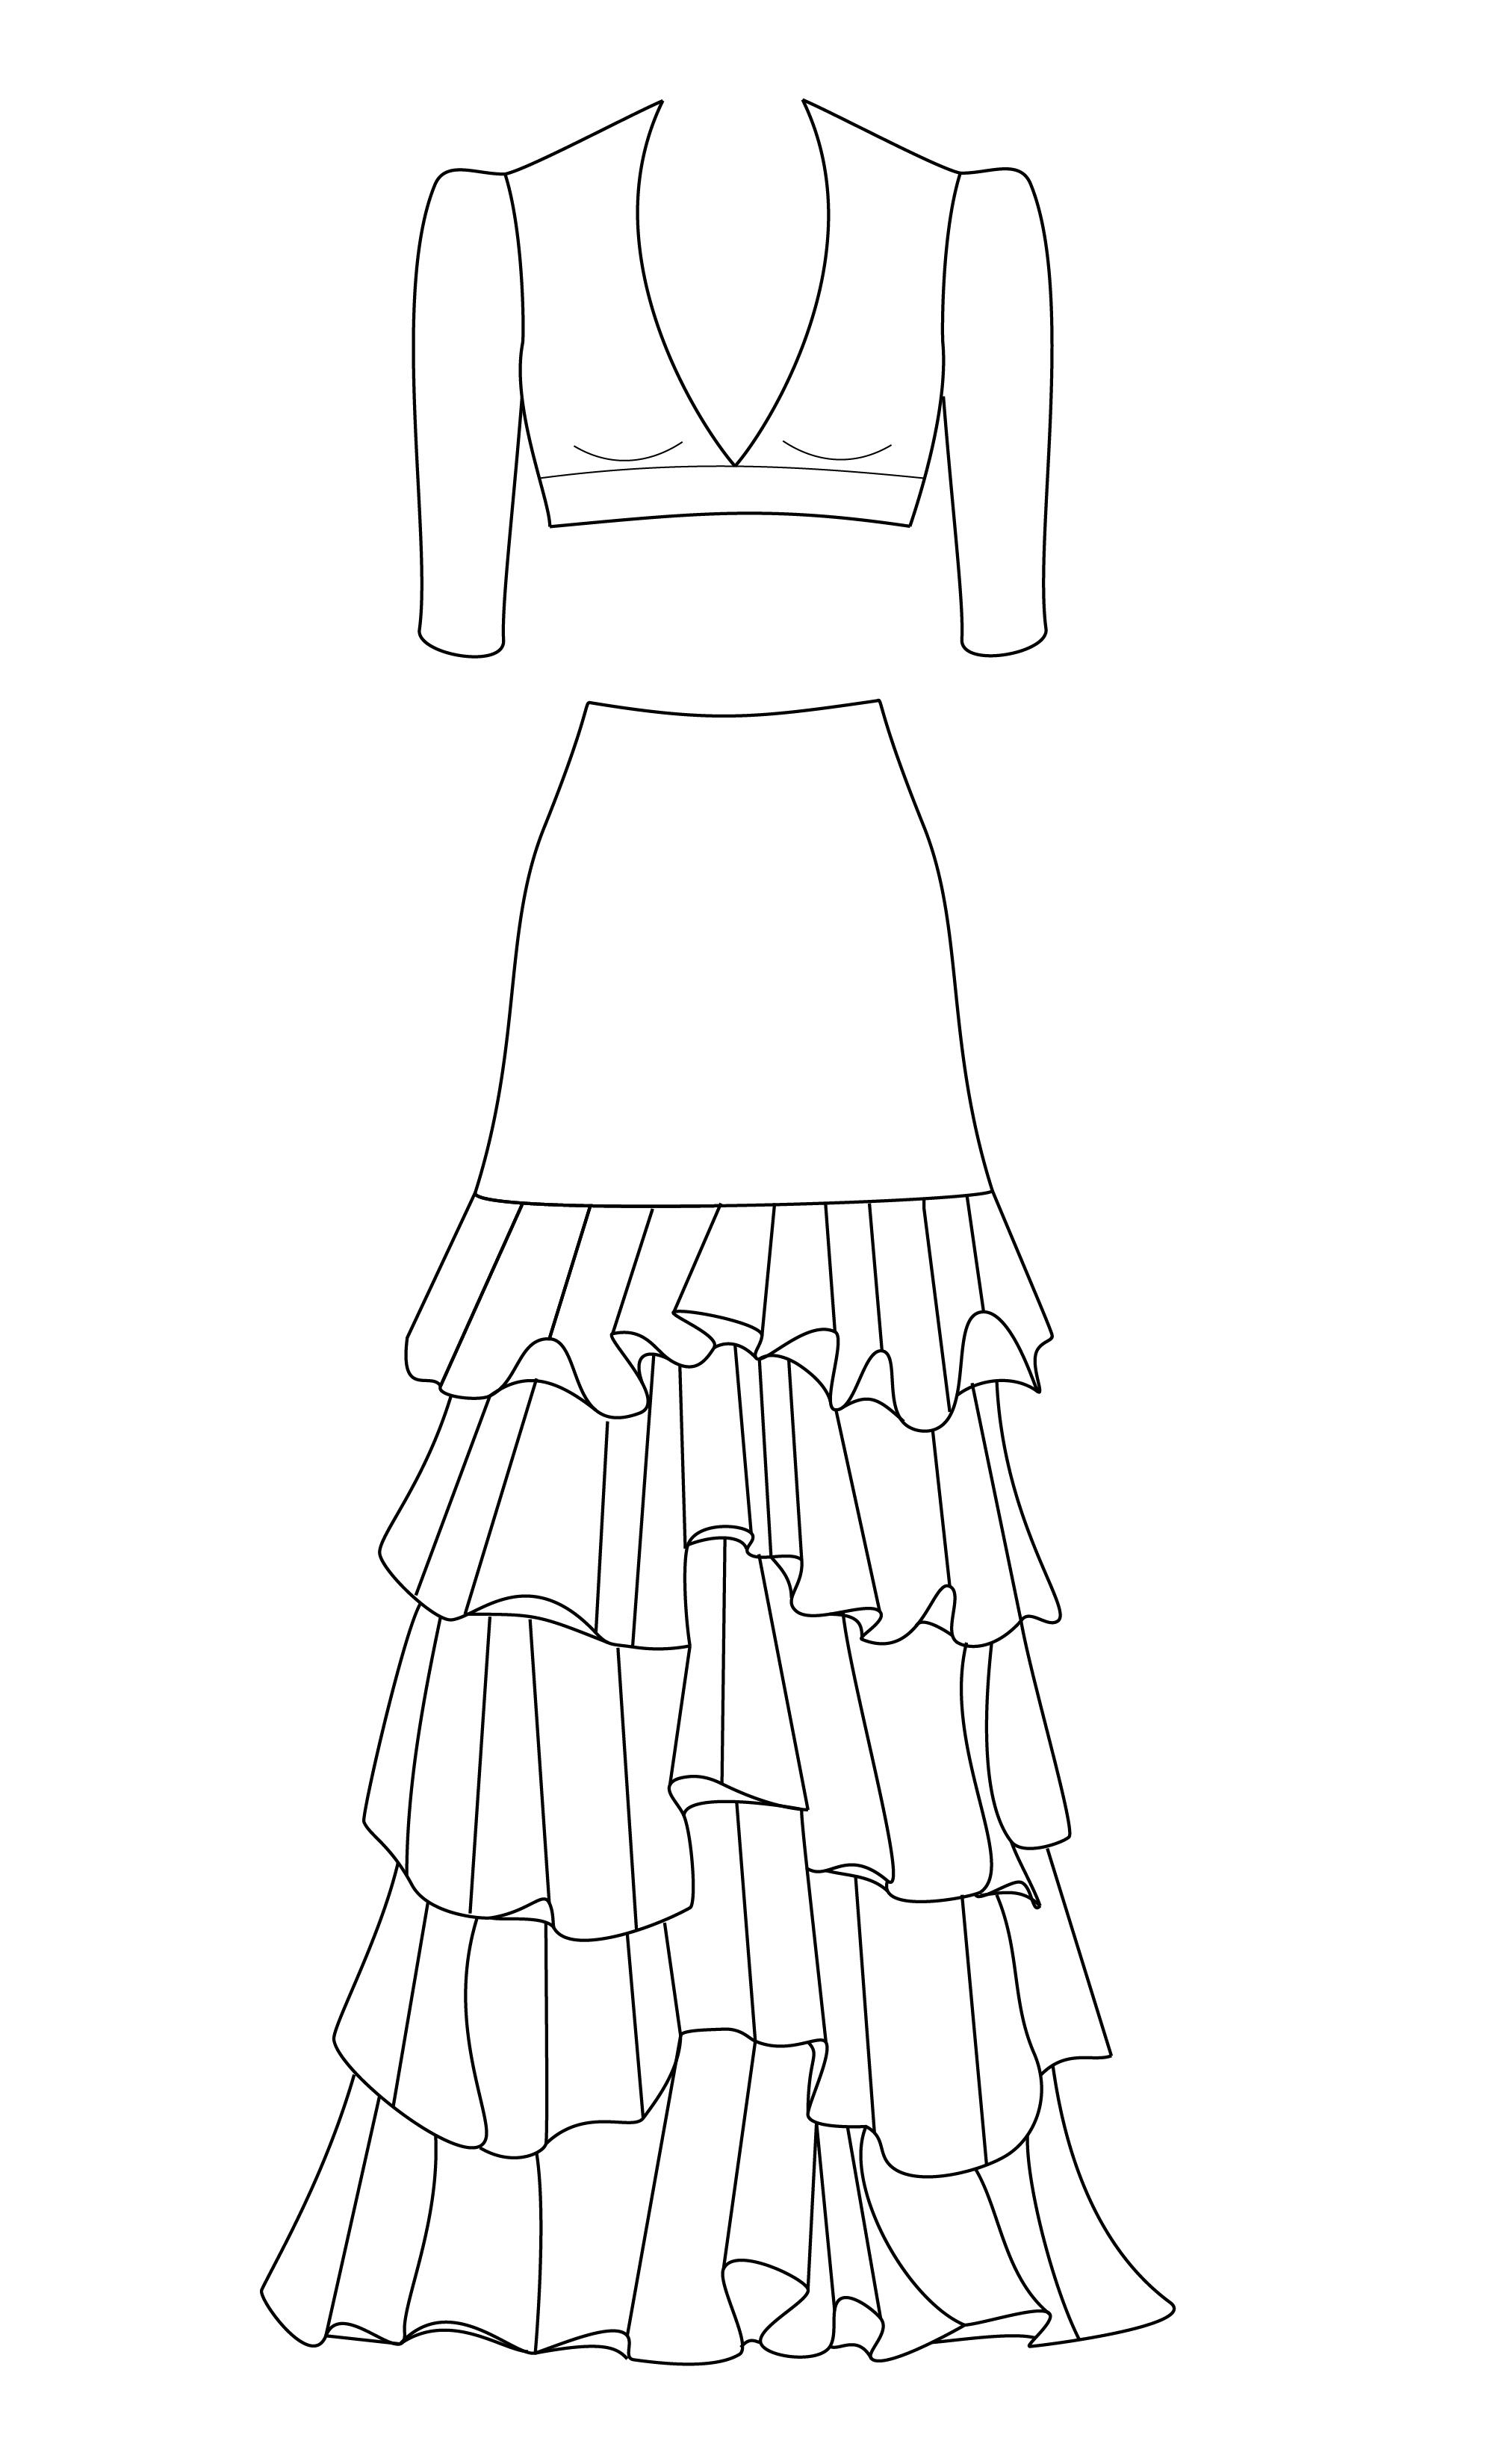 CAD02-01.jpg